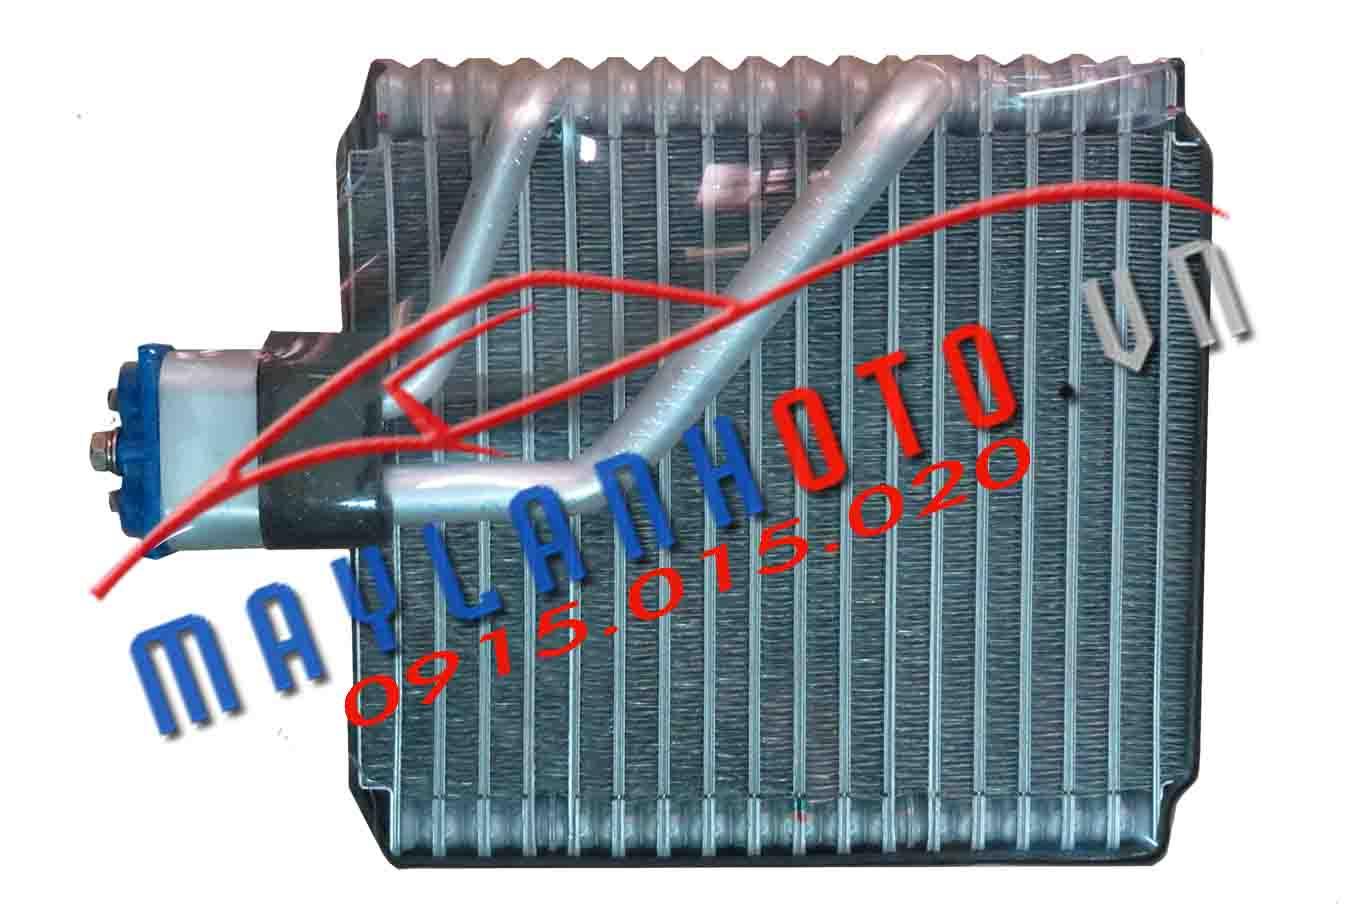 Hyundai Getz 1.1 / Dàn lạnh Hyundai Getz 1.1 / Giàn lạnh Hyundai Getz 1.1